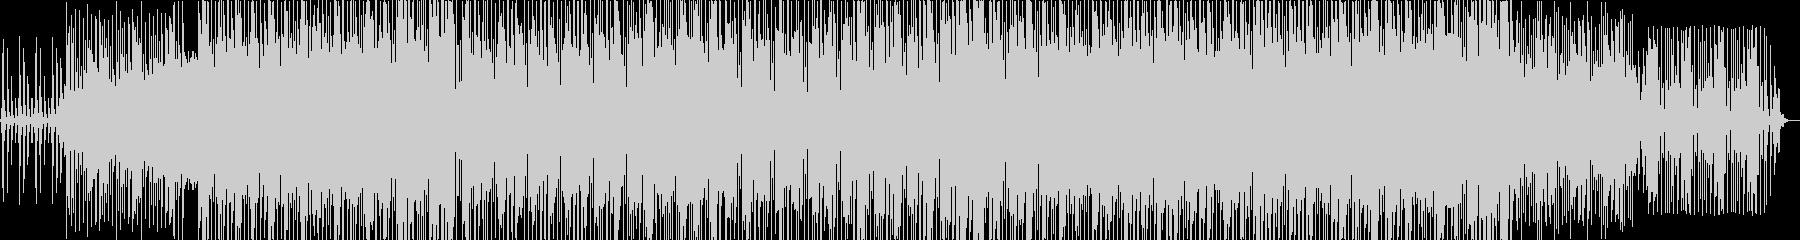 アップテンポでノリノリな曲の未再生の波形